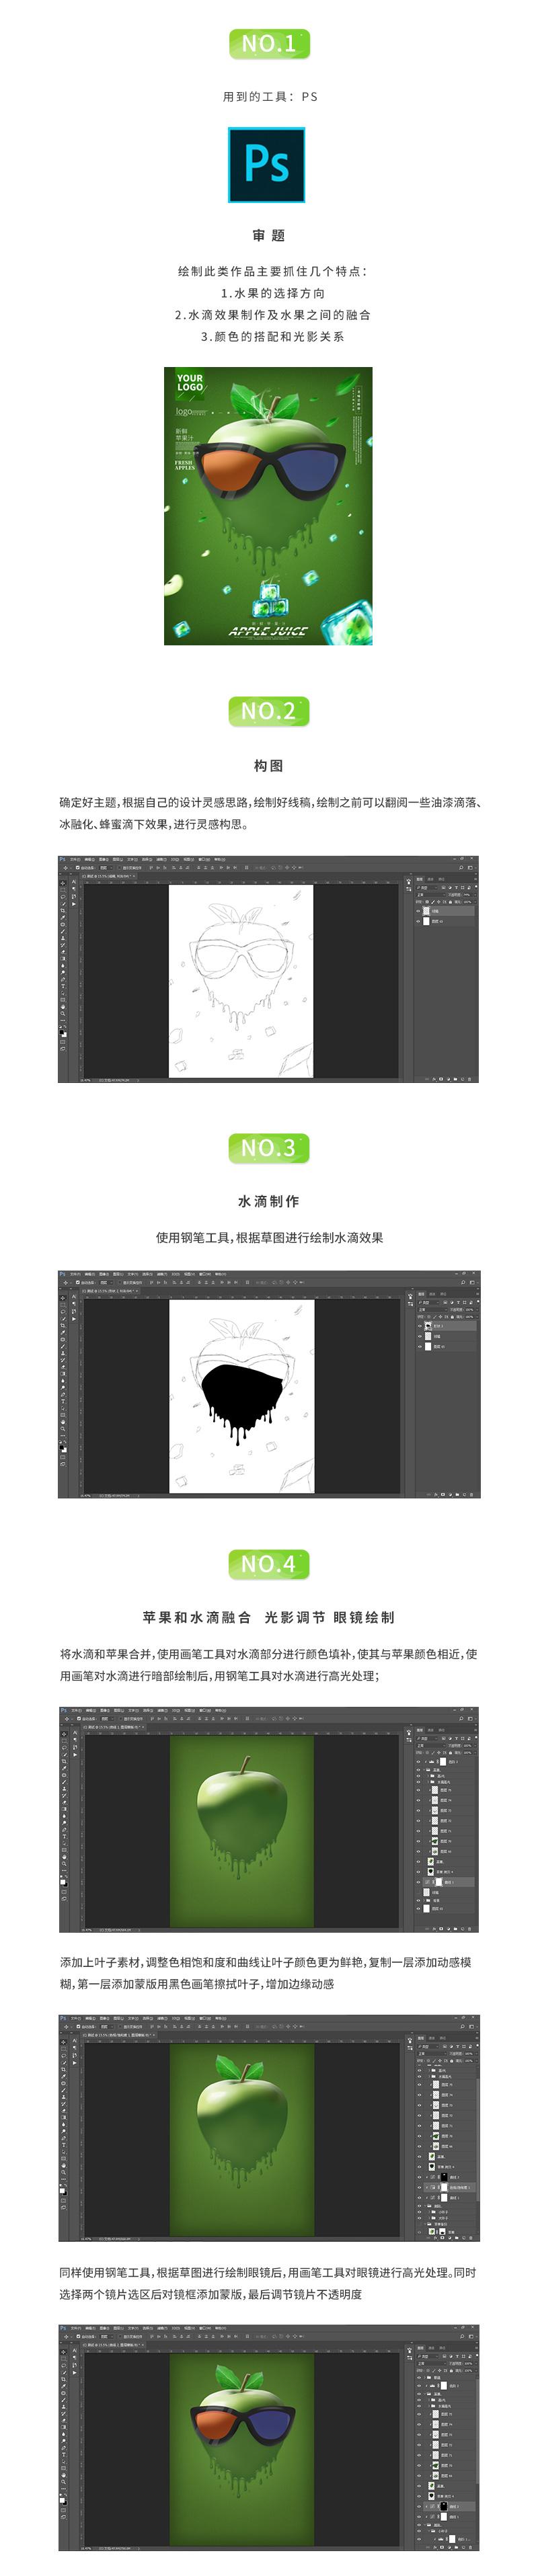 創意夏日蘋果水果合成海報(圖文教程)_03